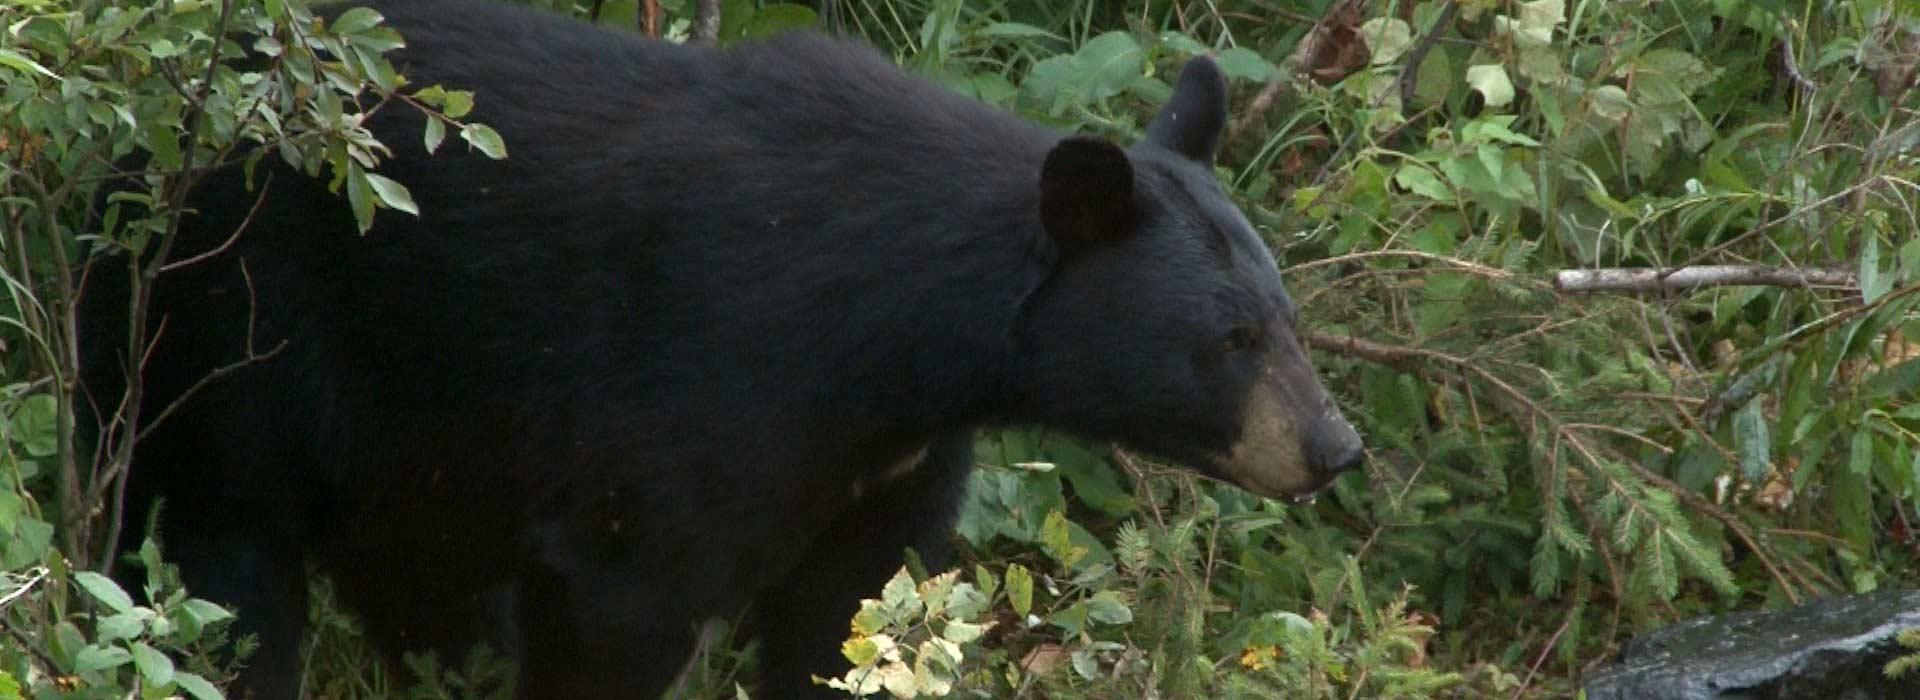 bear-hunting-in-algoma